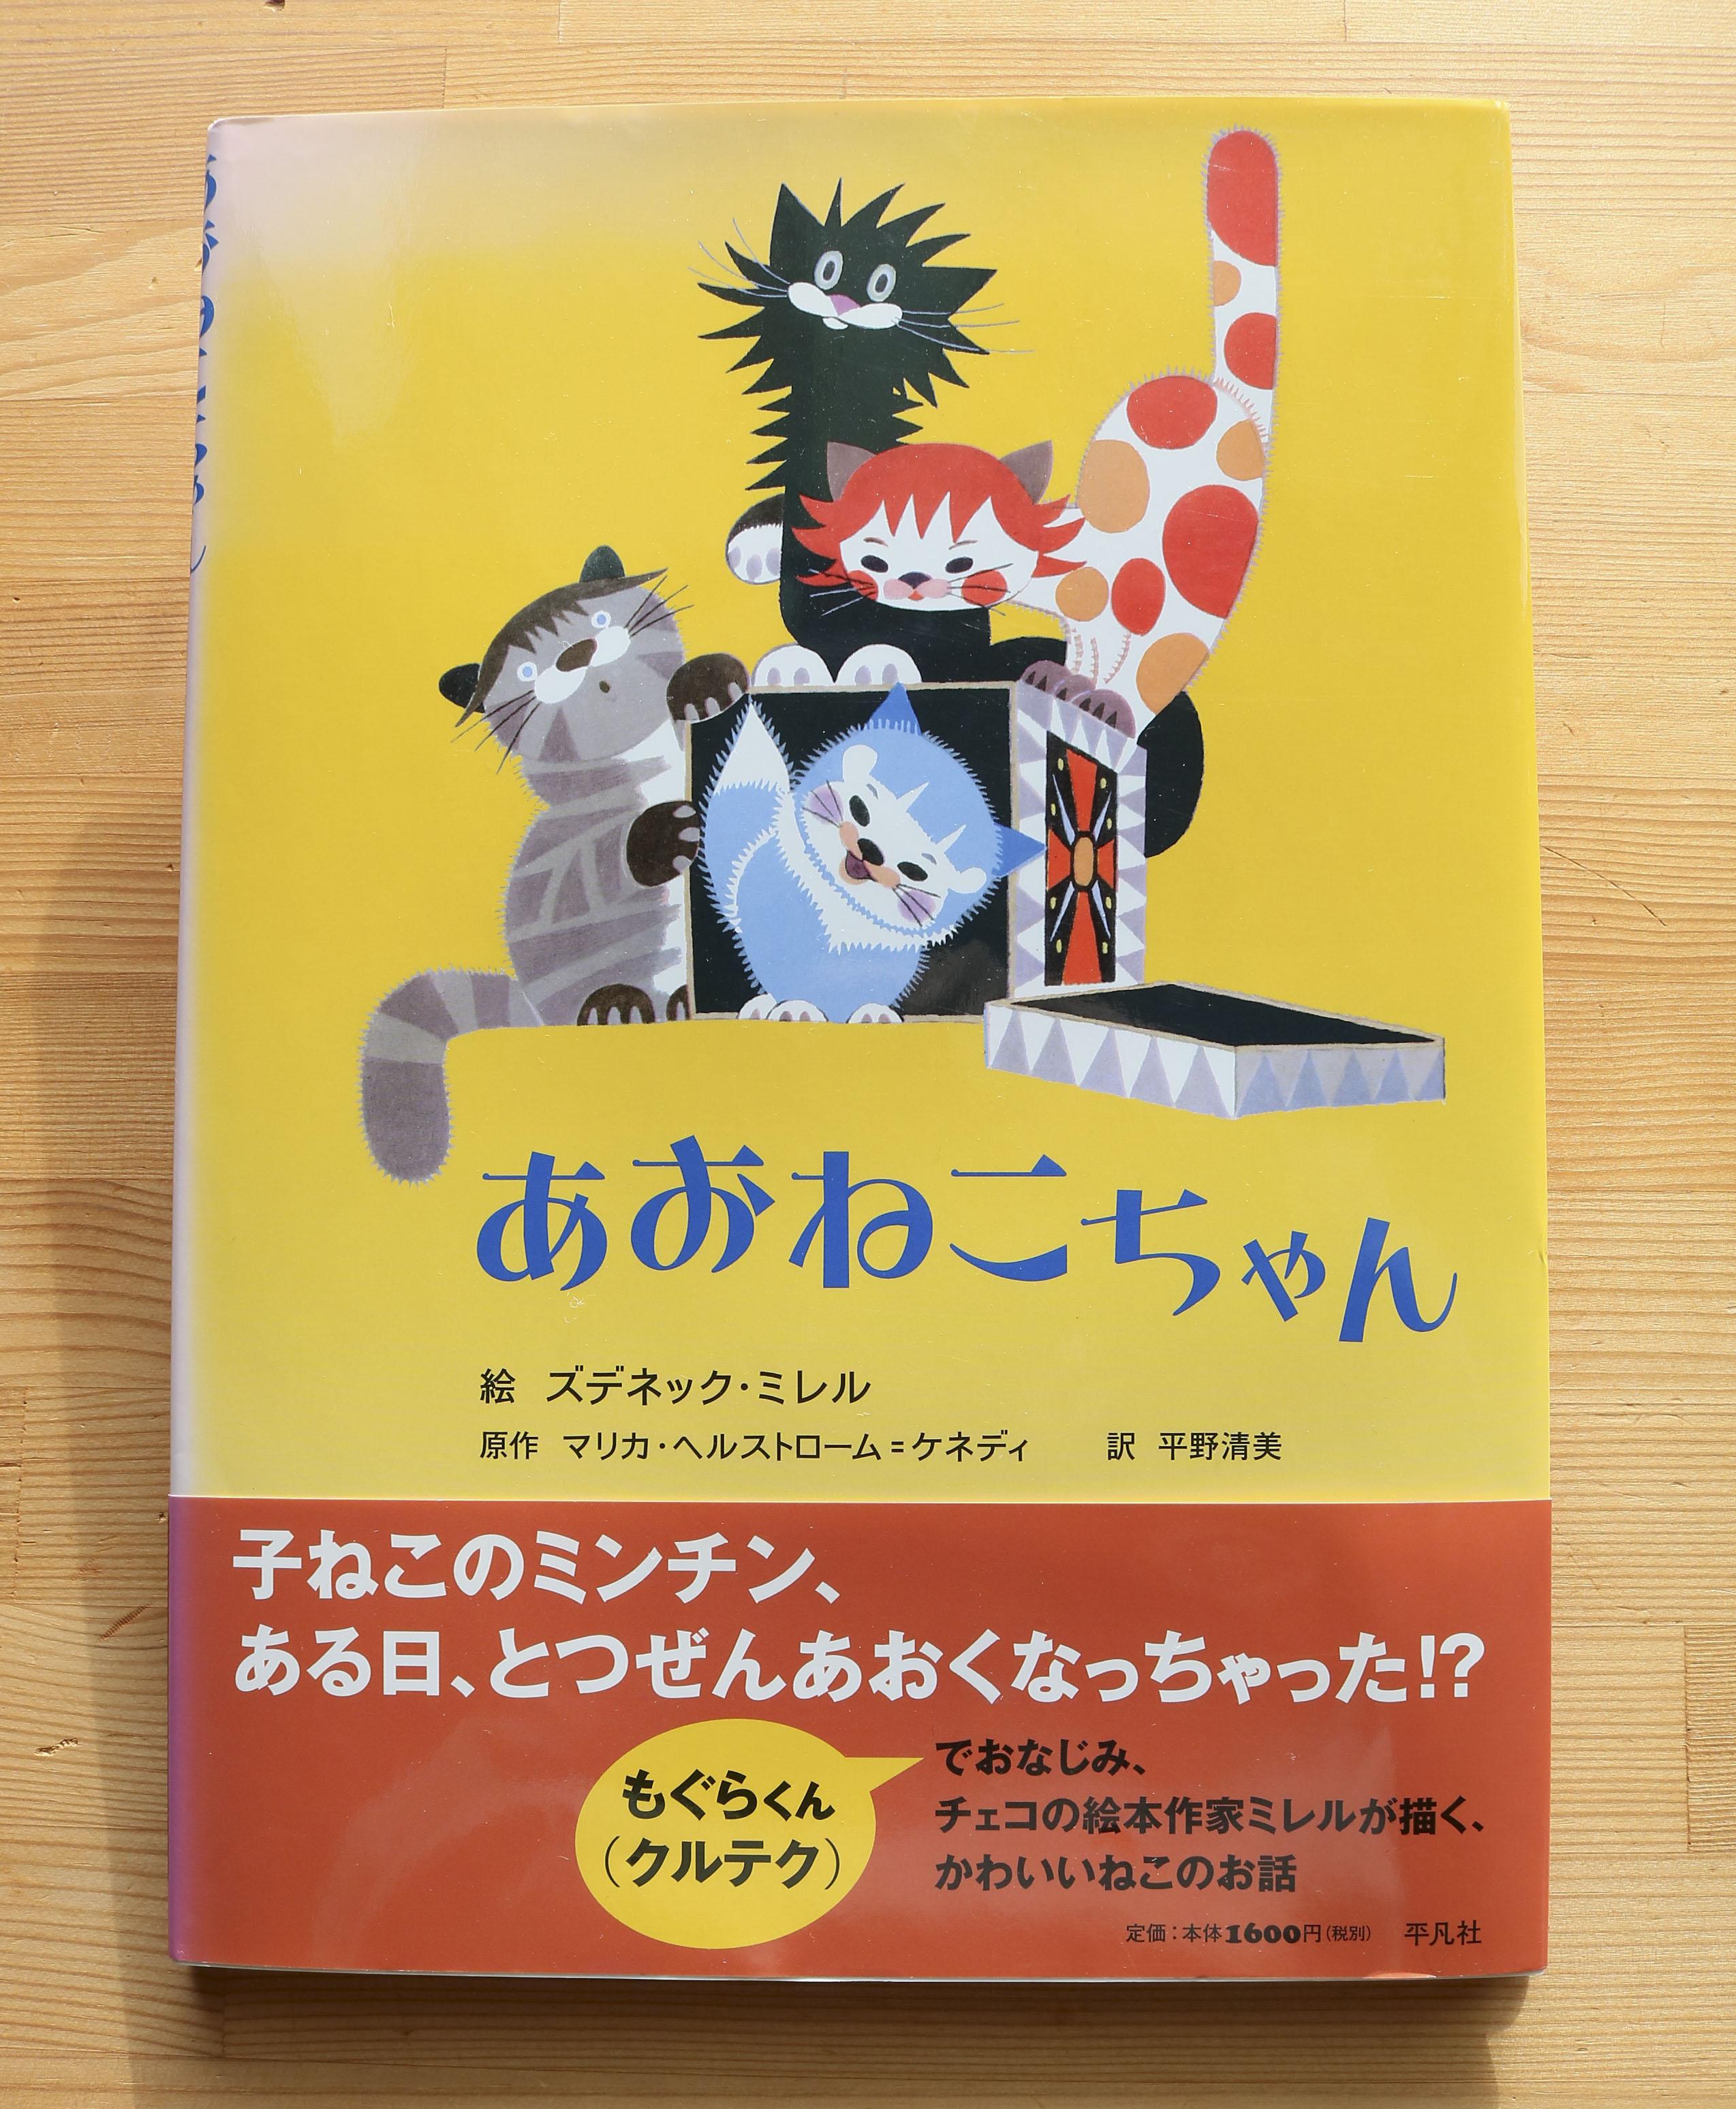 あおねこちゃん 秋田 かぎしっぽ 猫絵本 絵本